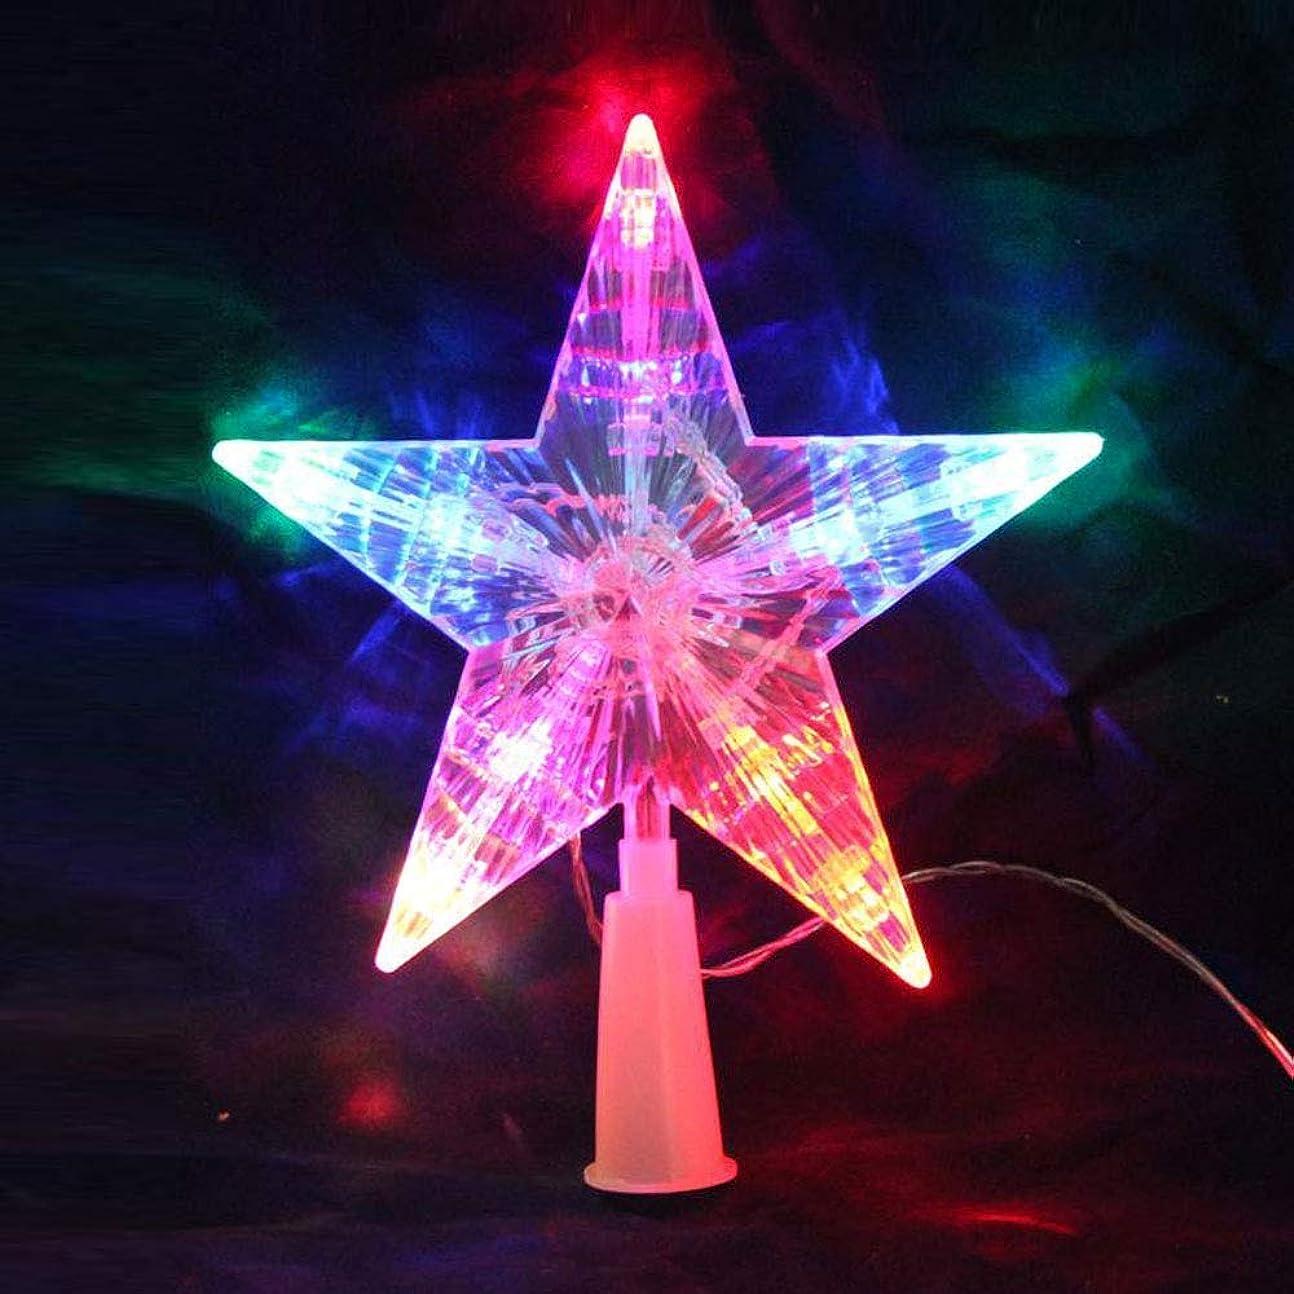 遅い最後に転倒Lindexs クリスマスツリー トップスター トップライト LED 電池式 クリスマスツリー 星の飾り オーナメント イルミネーション 自動点滅 流れカラー (クリア)